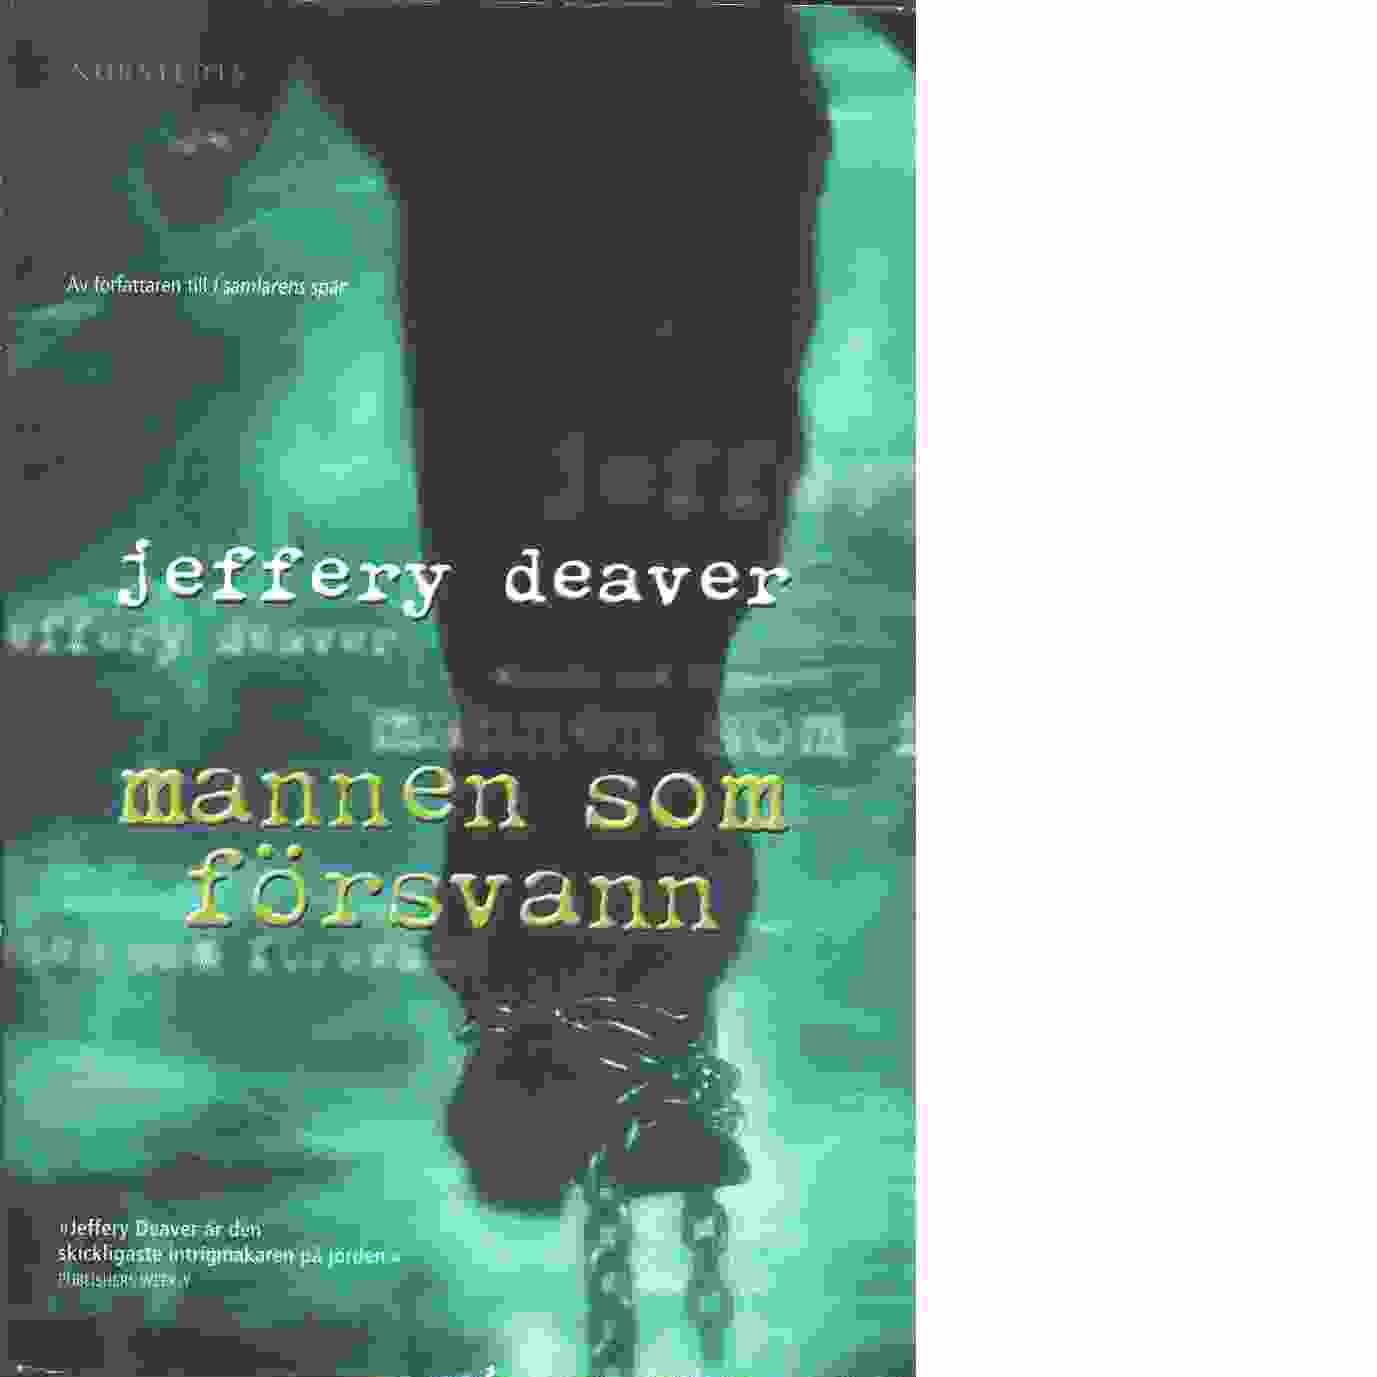 Mannen som försvann - Deaver, Jeffery